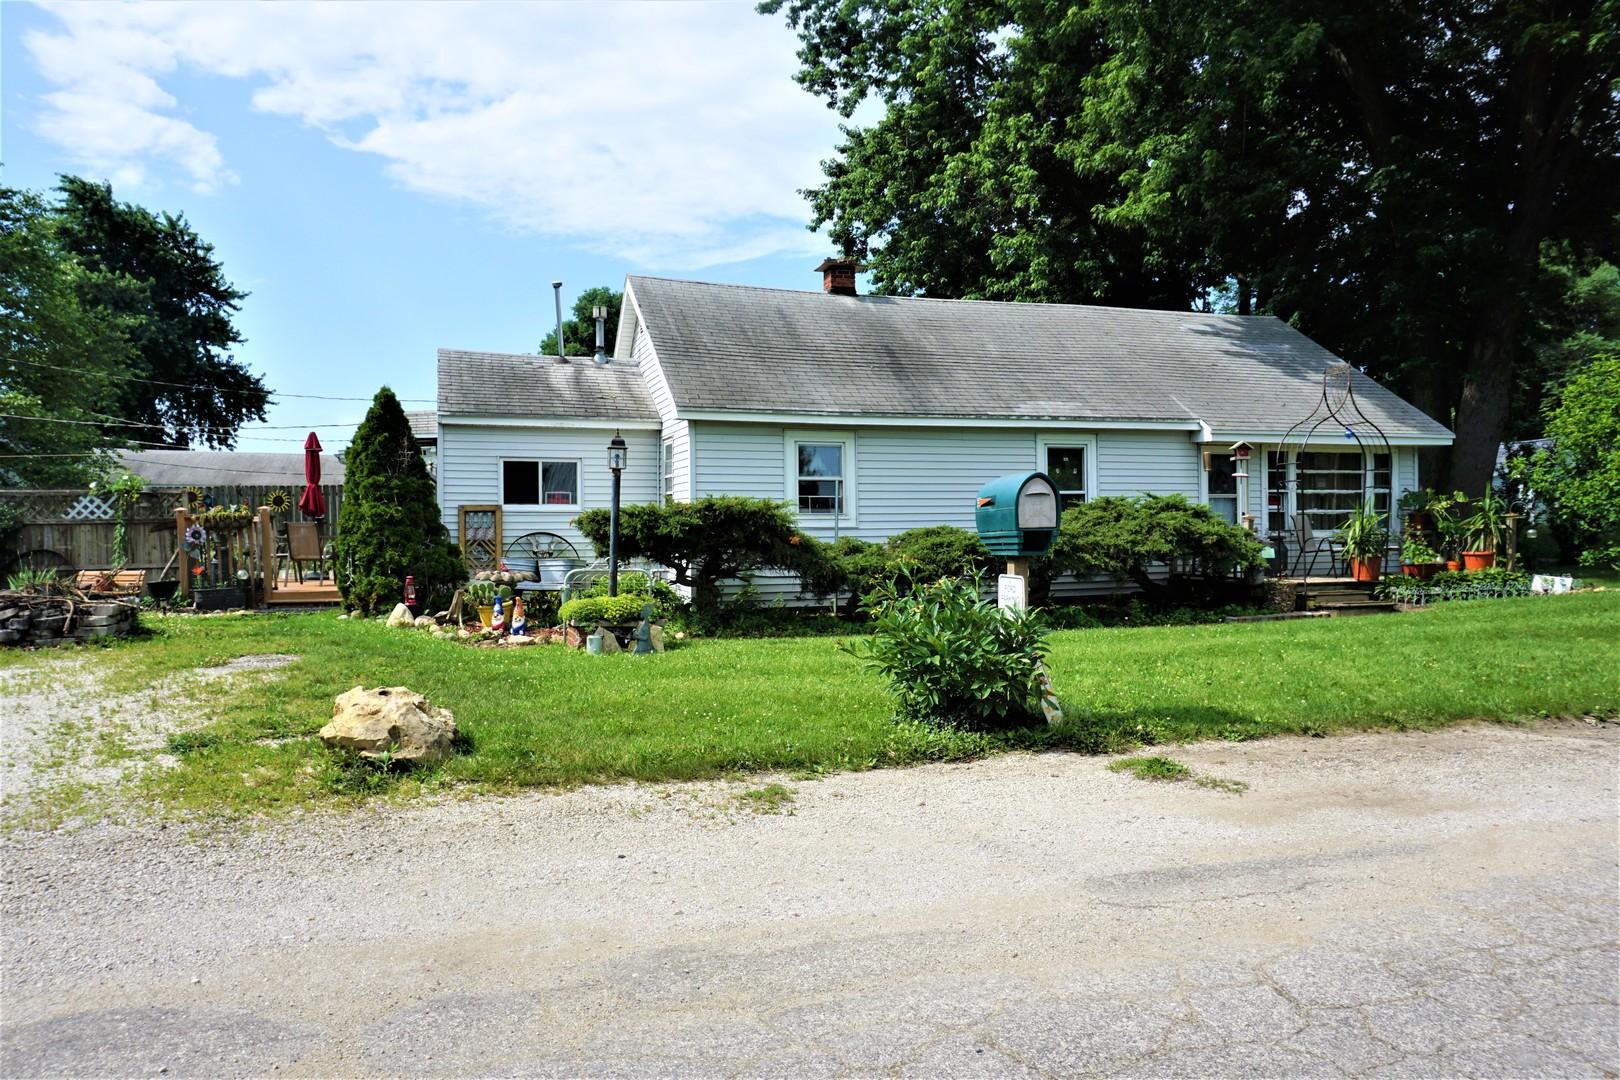 201 Paul Avenue, Champaign in Champaign County, IL 61822 Home for Sale